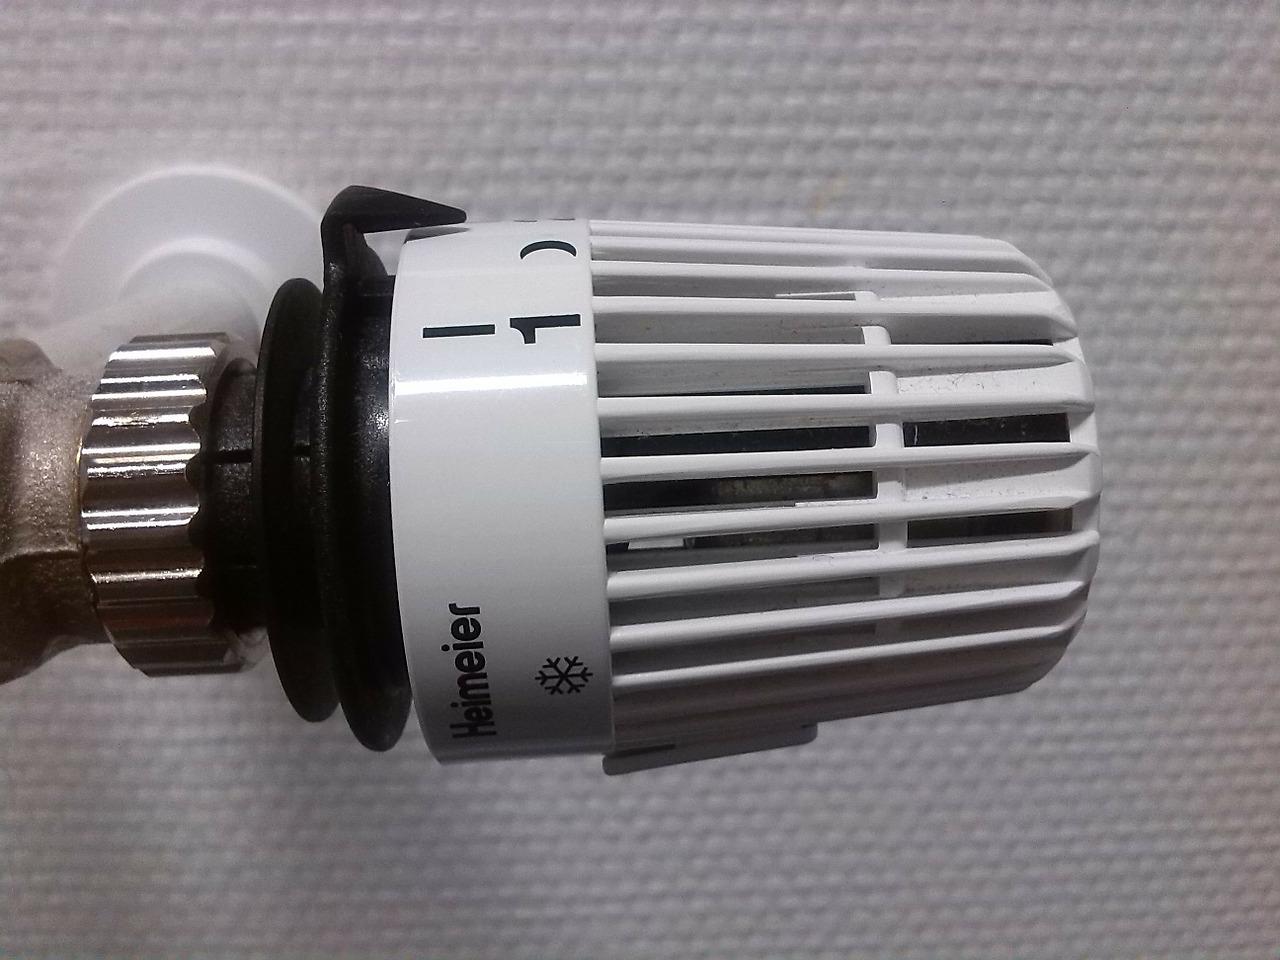 Combien coute l'installation d'un appareil de chauffage électrique ?